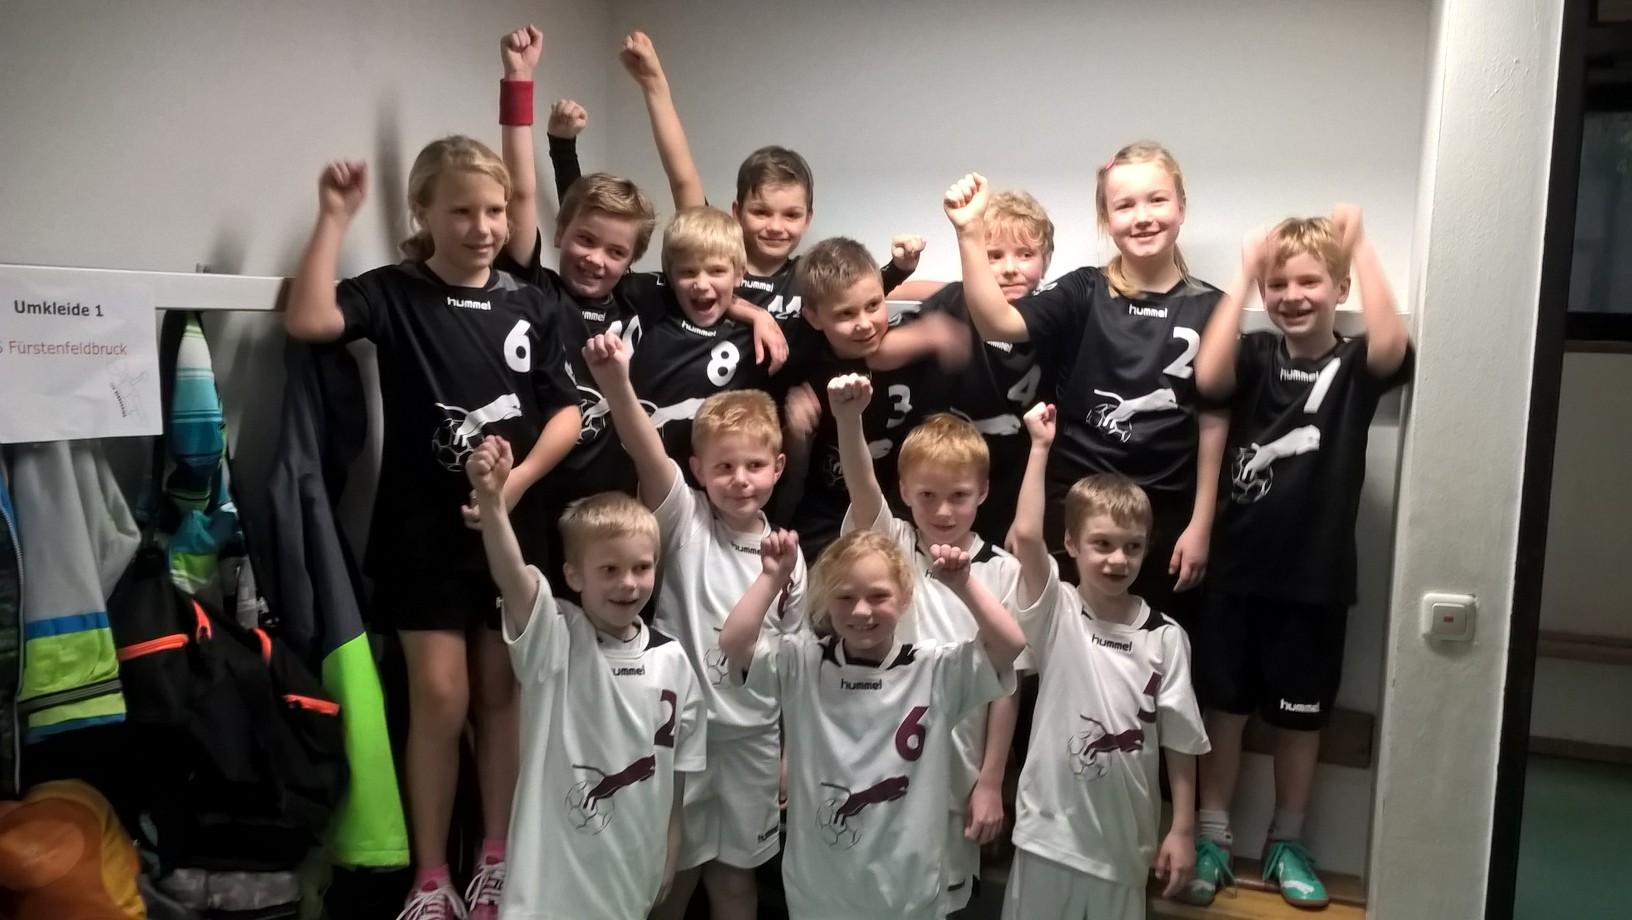 Ffb handball